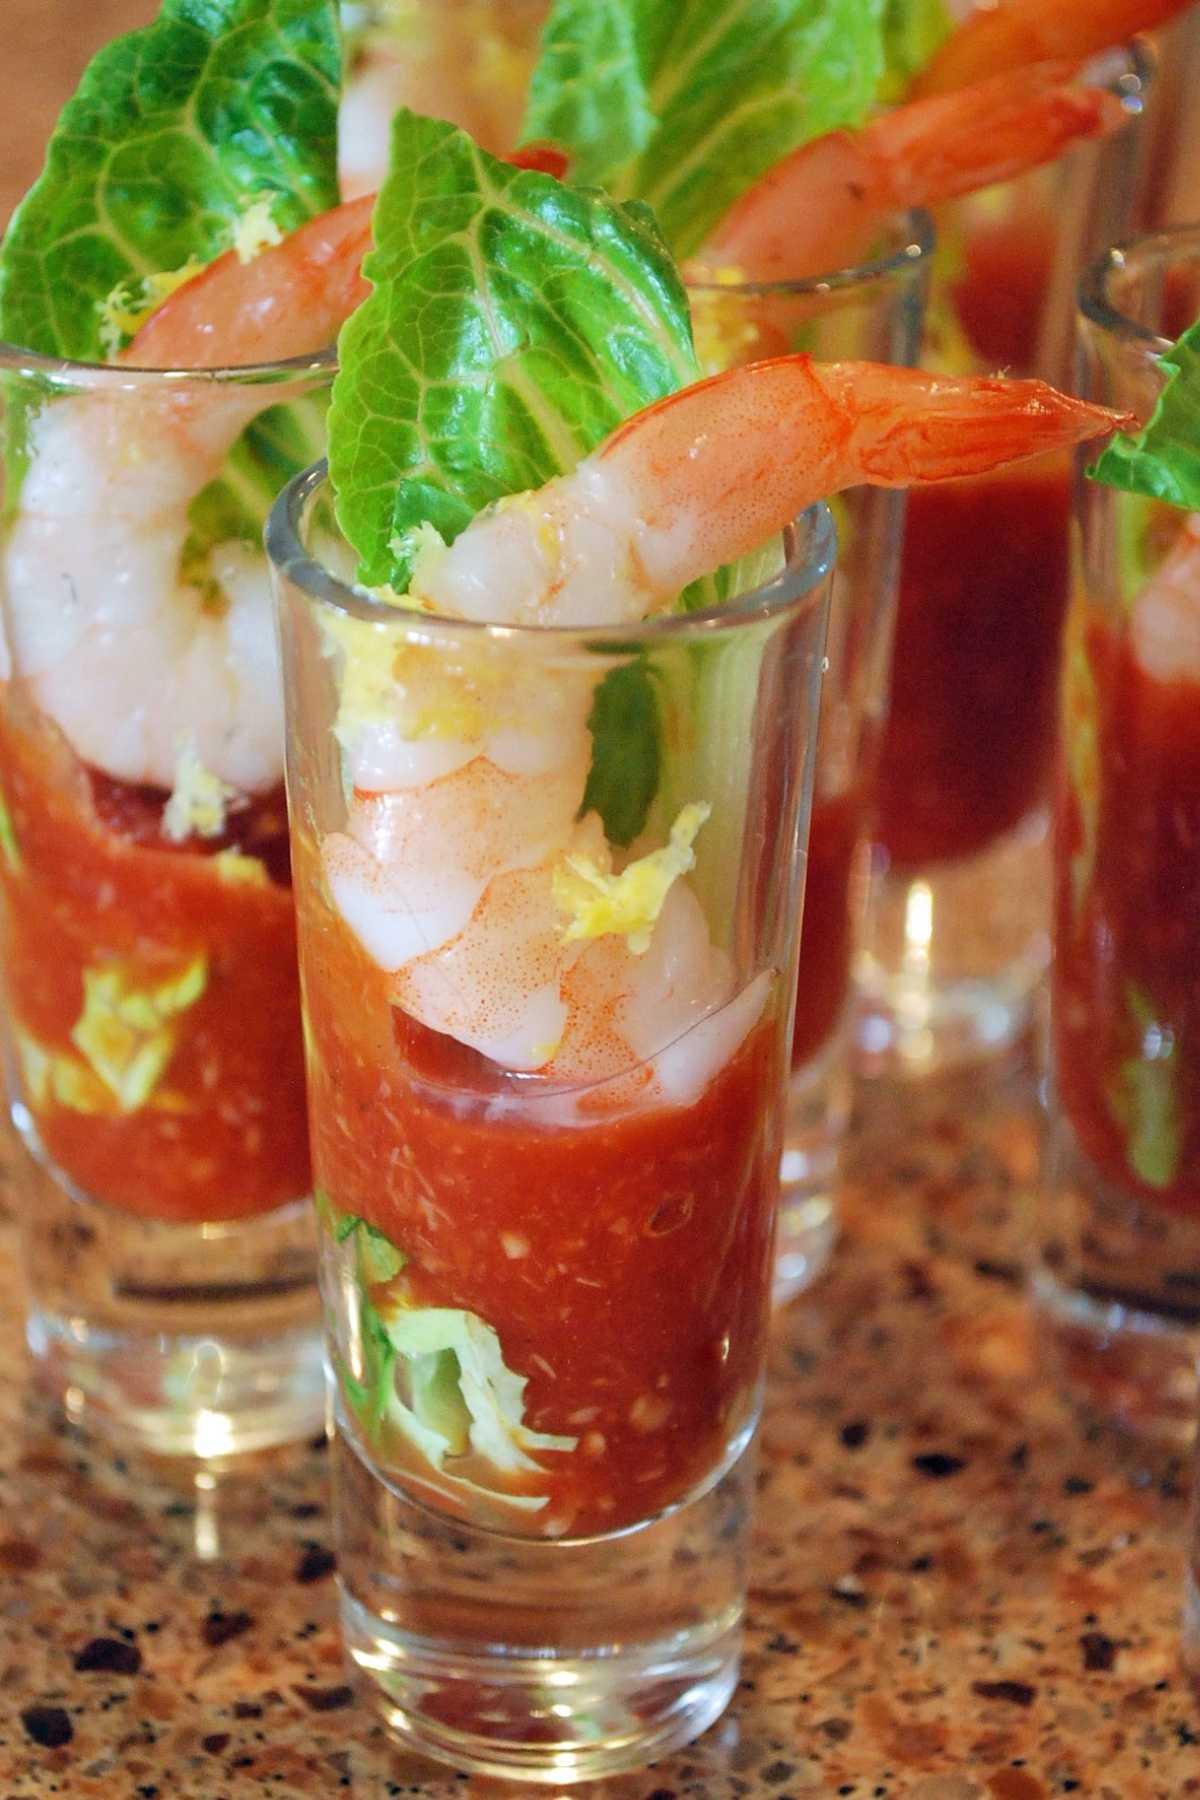 shrimp shooters in mini parfait glasses with romaine, cocktail sauce, and fresh lemon zest